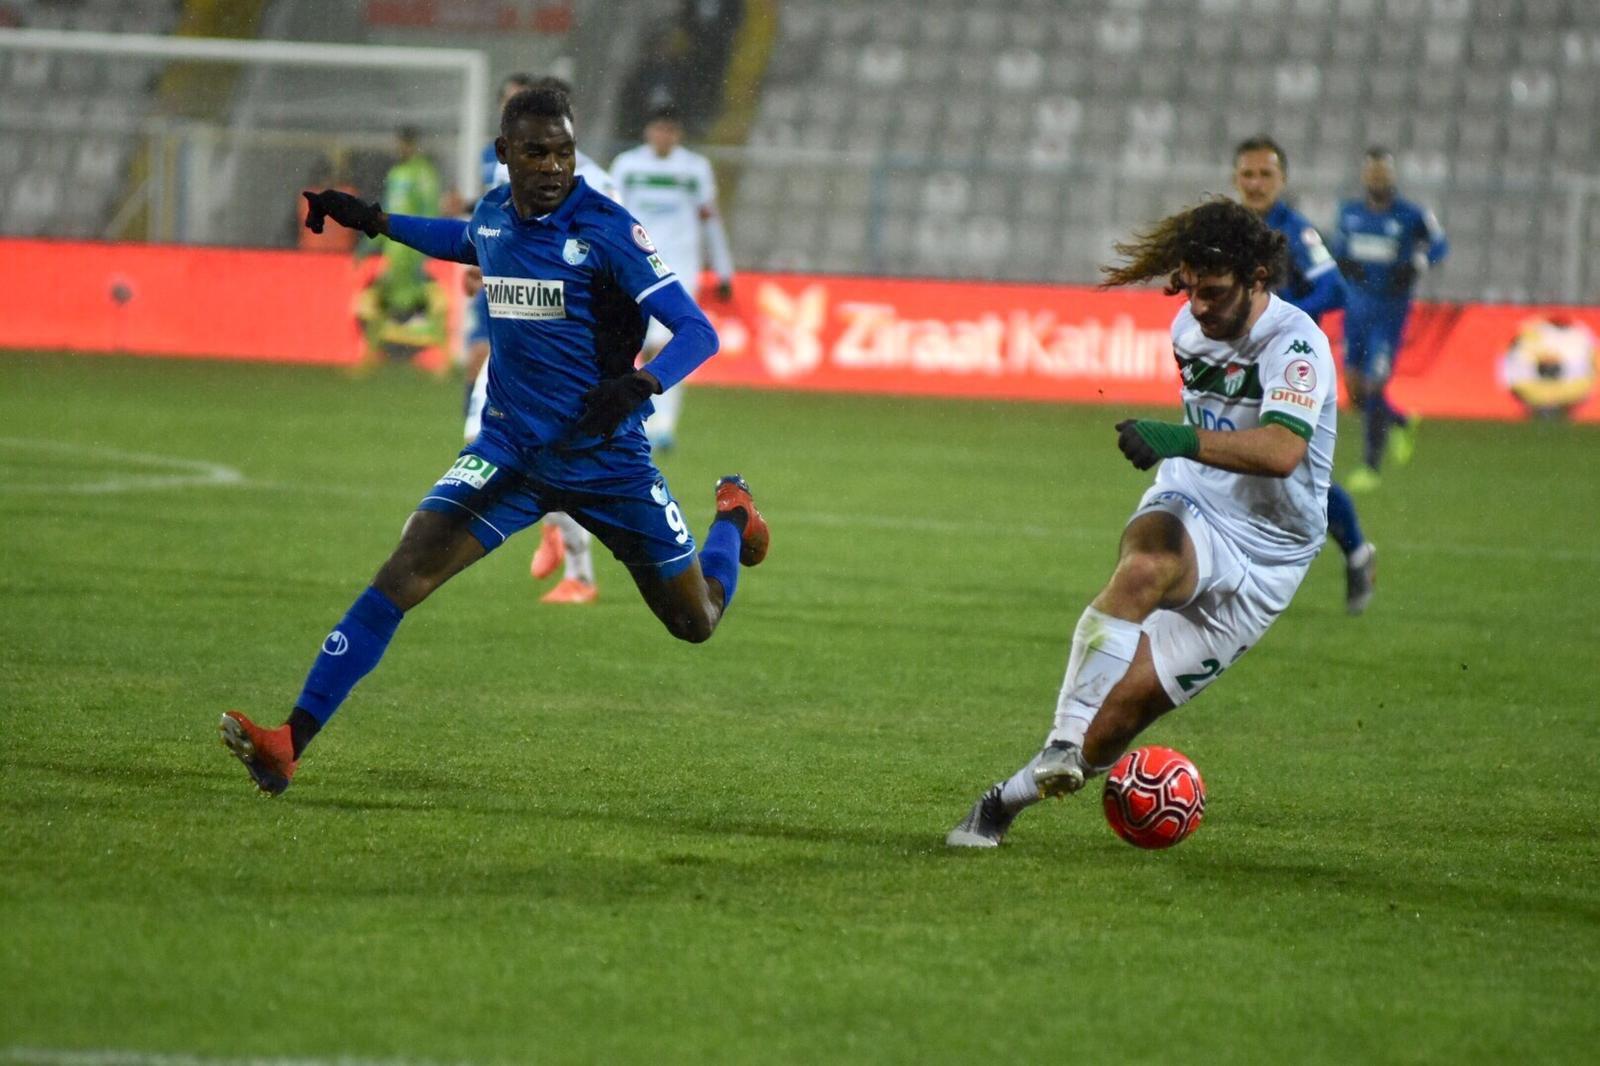 Erzurumspor Bursaspor 4-2 Maç Sonucu (Türkiye Kupası)